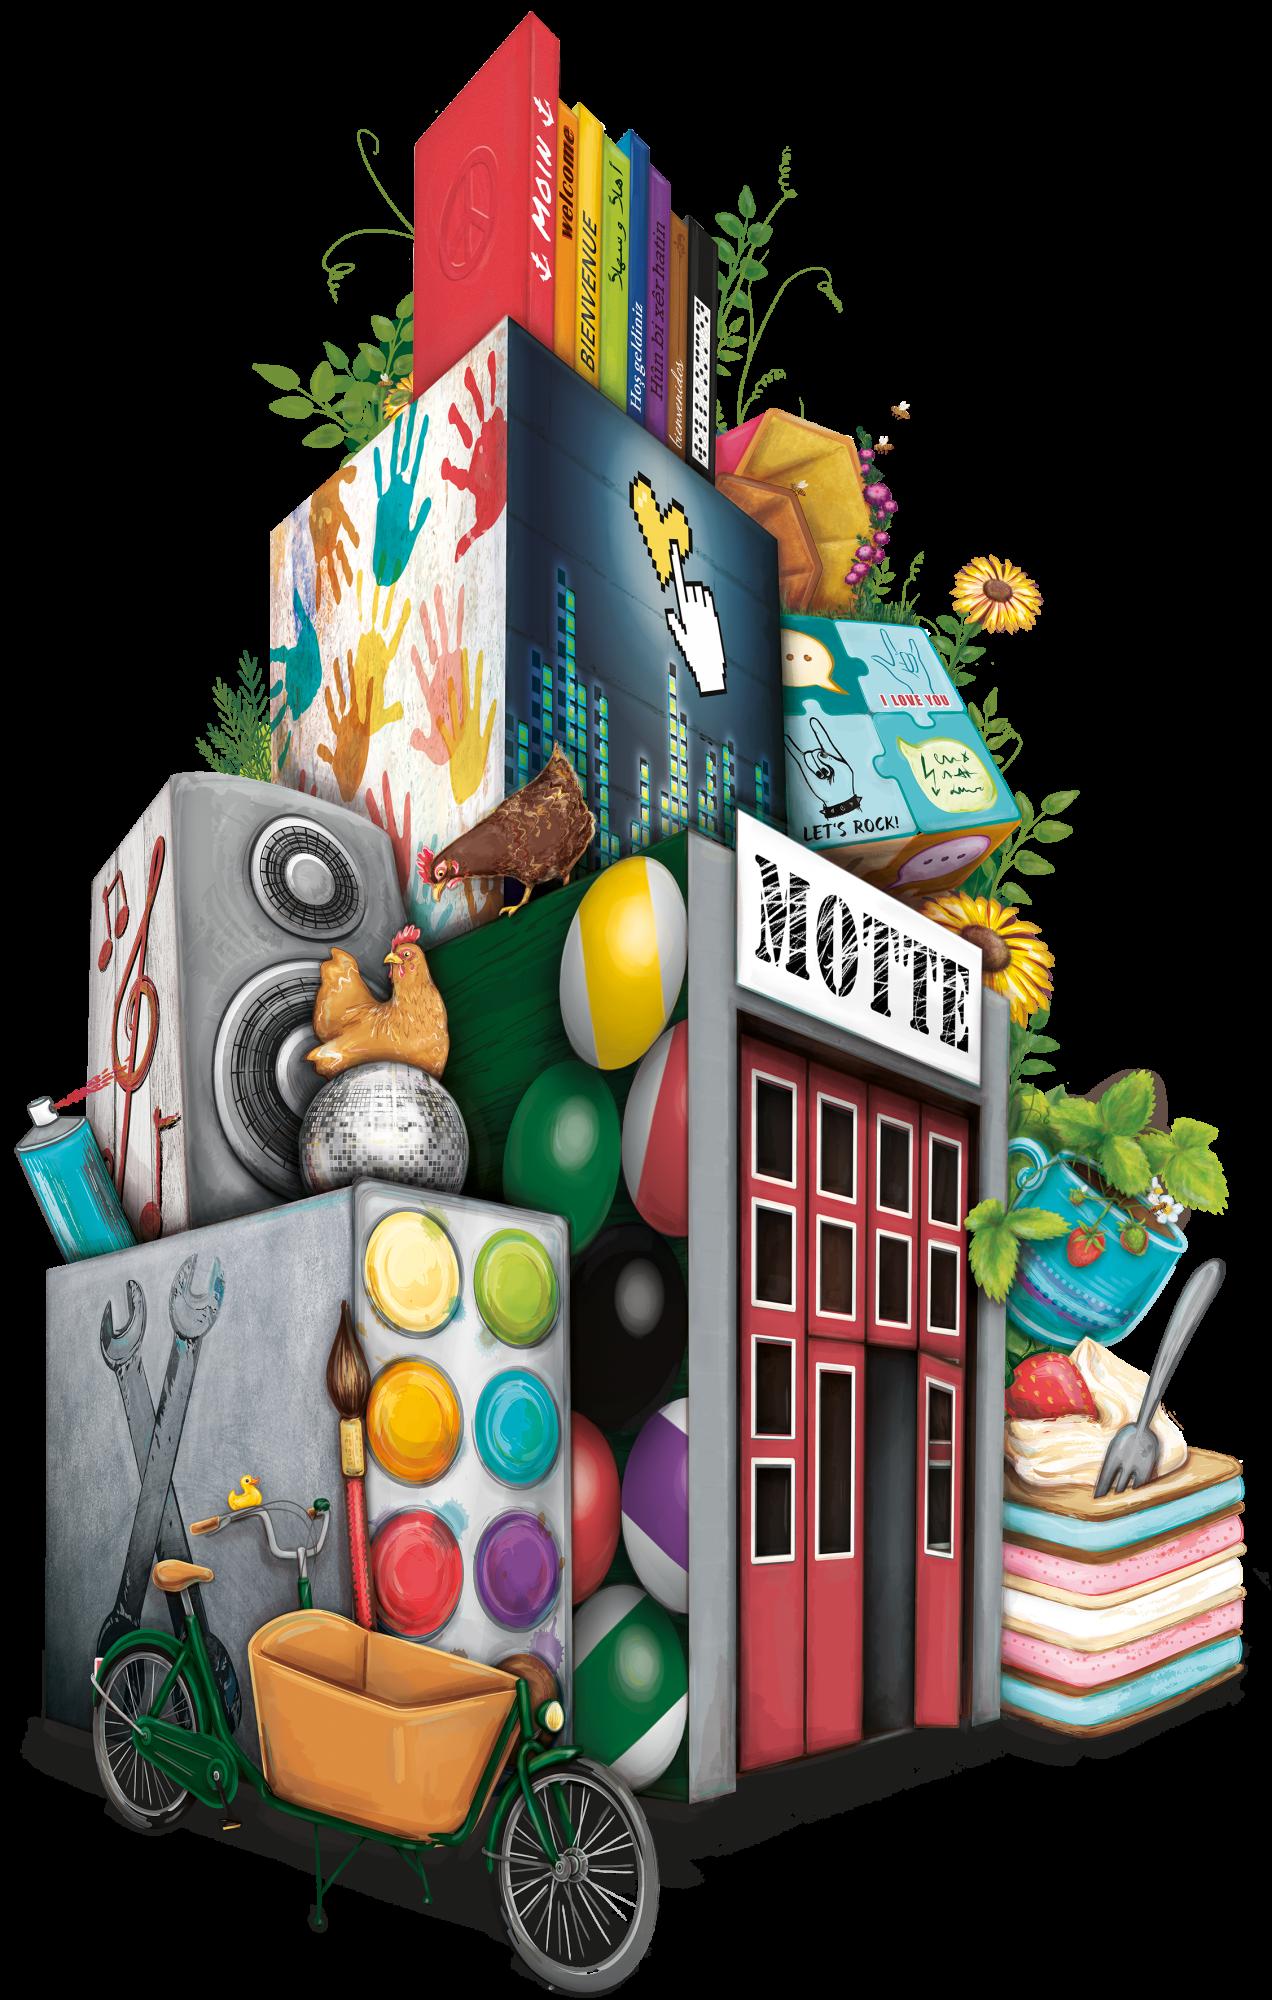 Illustration für das MOTTE-Jubiläum, bestehend aus diversen Objekten und Symbolen, die mit der MOTTE verbunden werden. Zum Beispiel Hühner, Werkzeuge, Gebärdensprache, Blumen und Bücher.